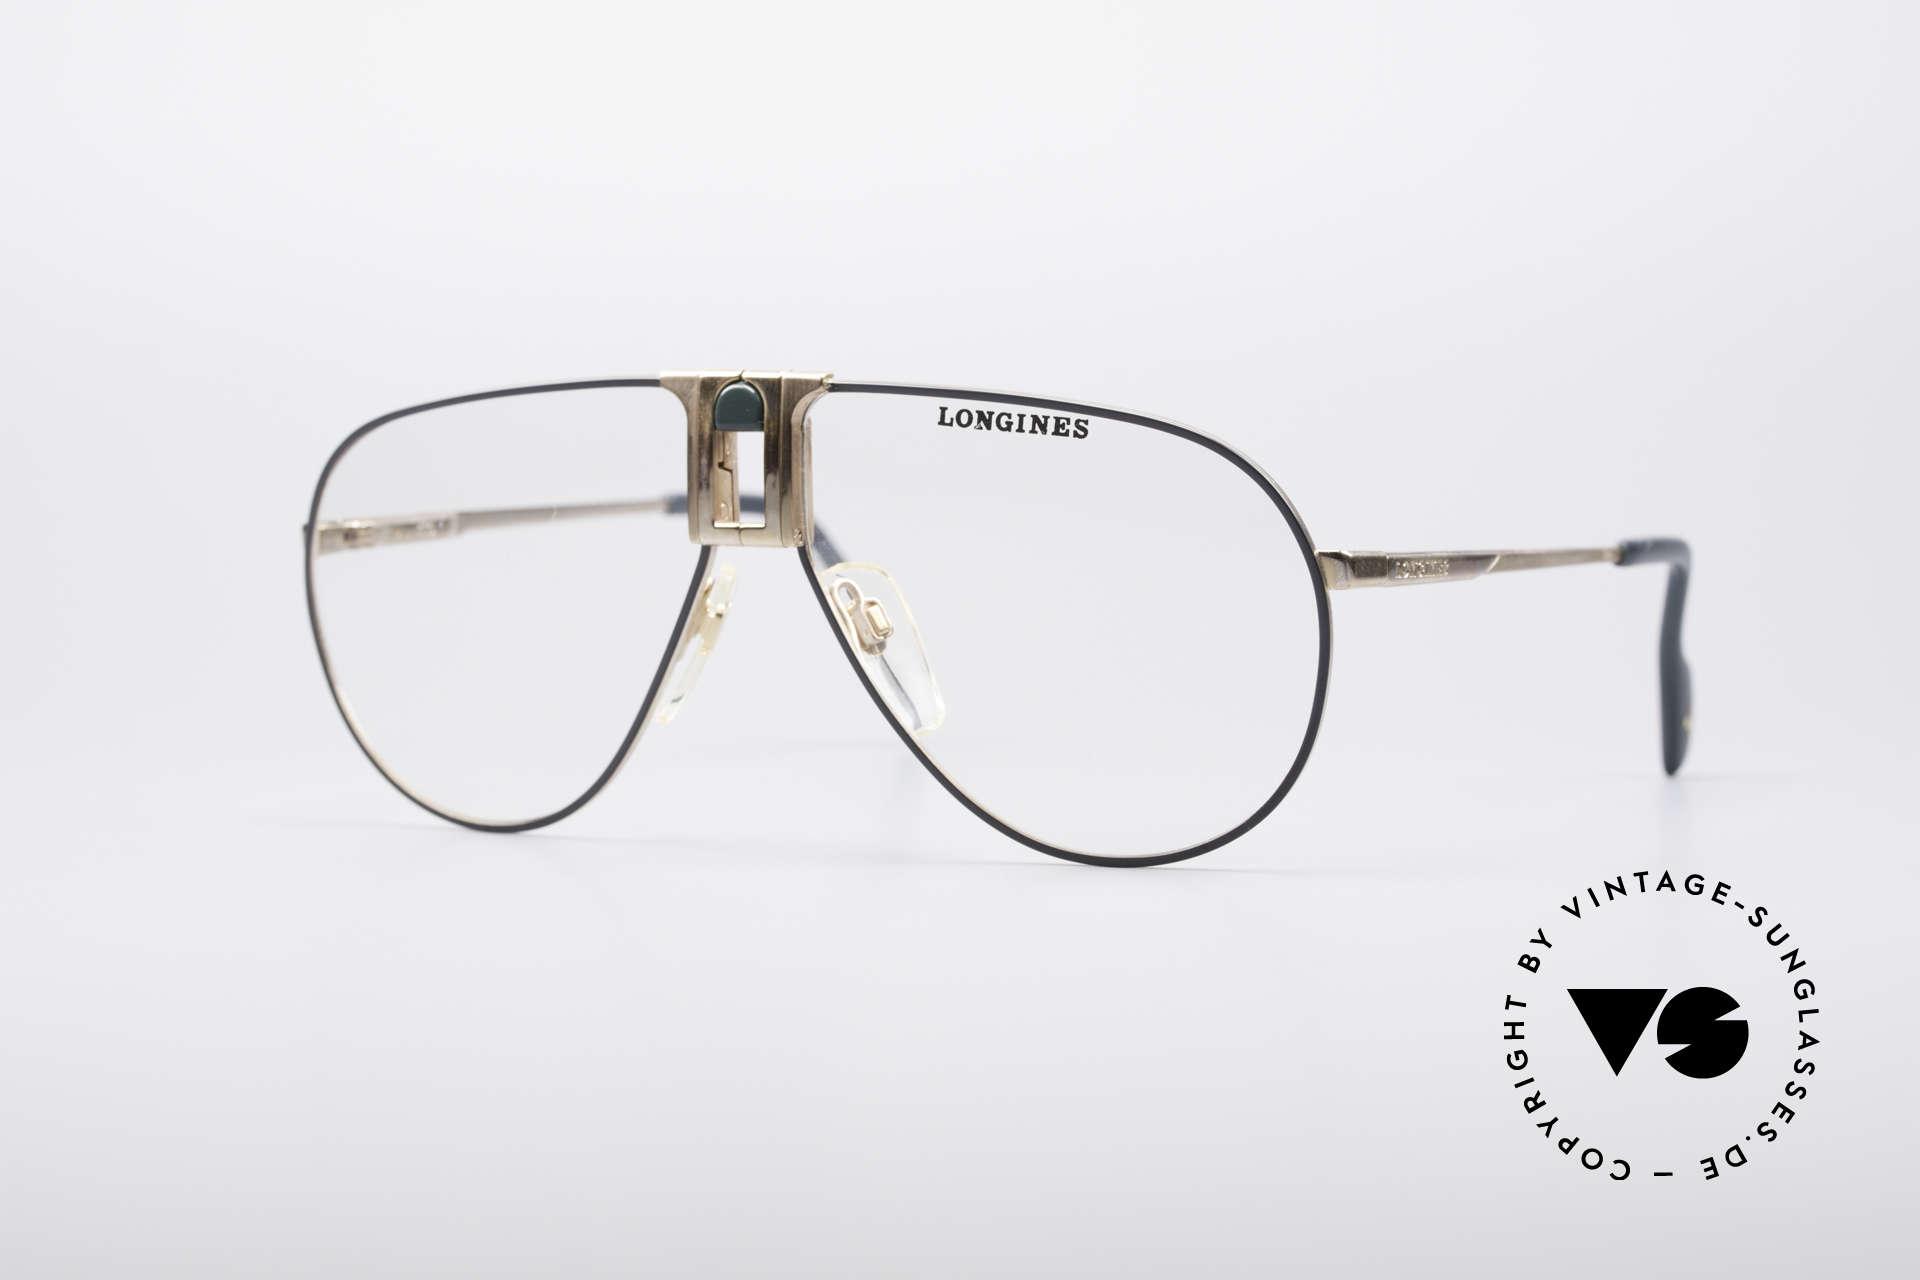 Longines 0154 1980's Aviator Glasses, high-end VINTAGE designer eyeglasses by LONGINES, Made for Men